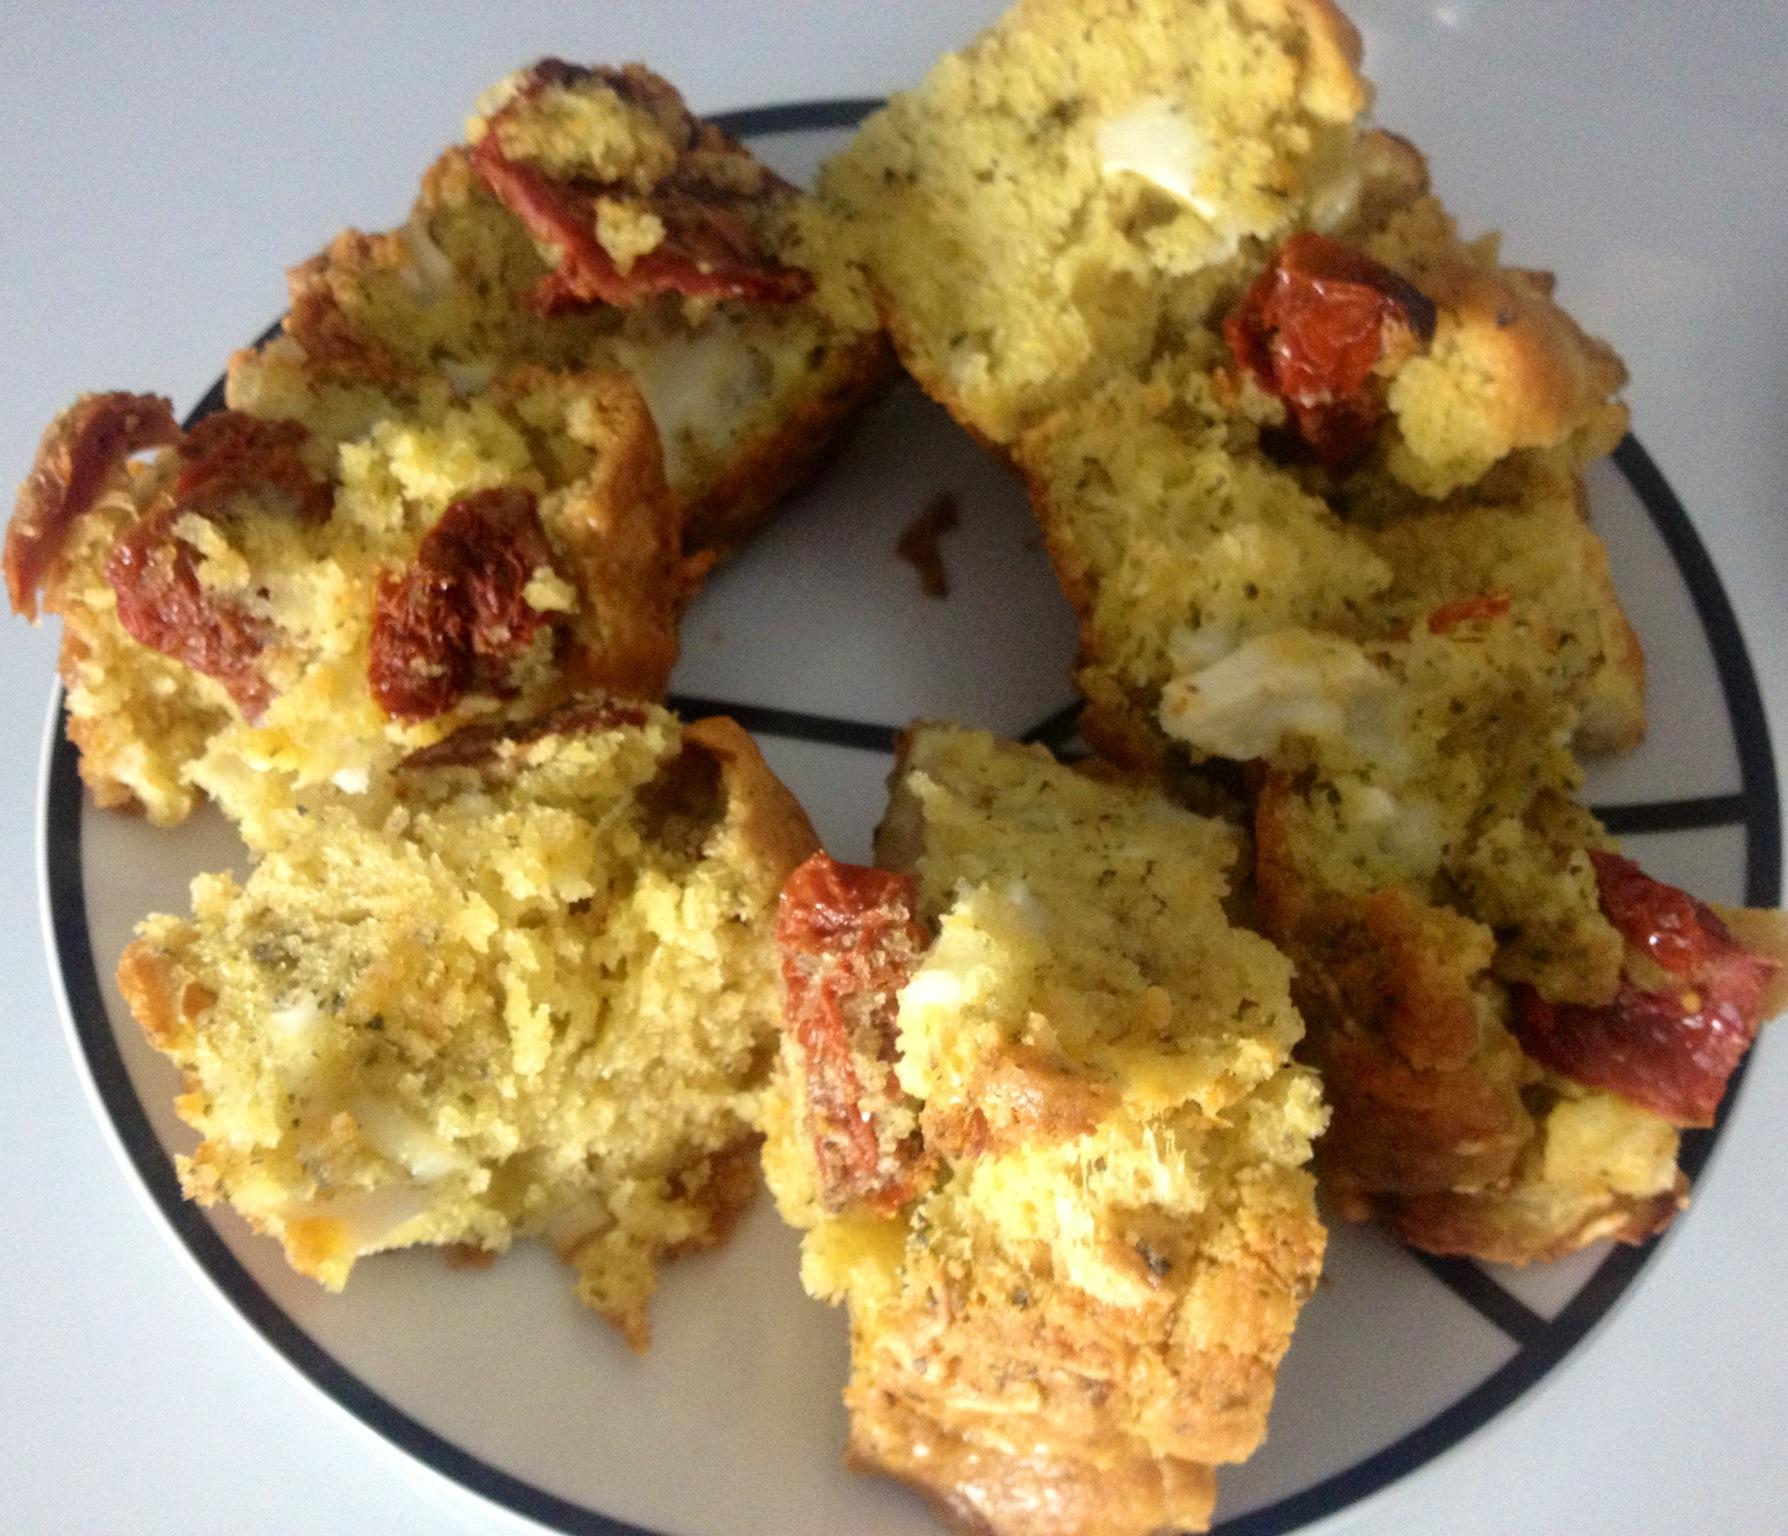 Recette Cake Aux Tomates S Ef Bf Bdch Ef Bf Bdes Et Feta